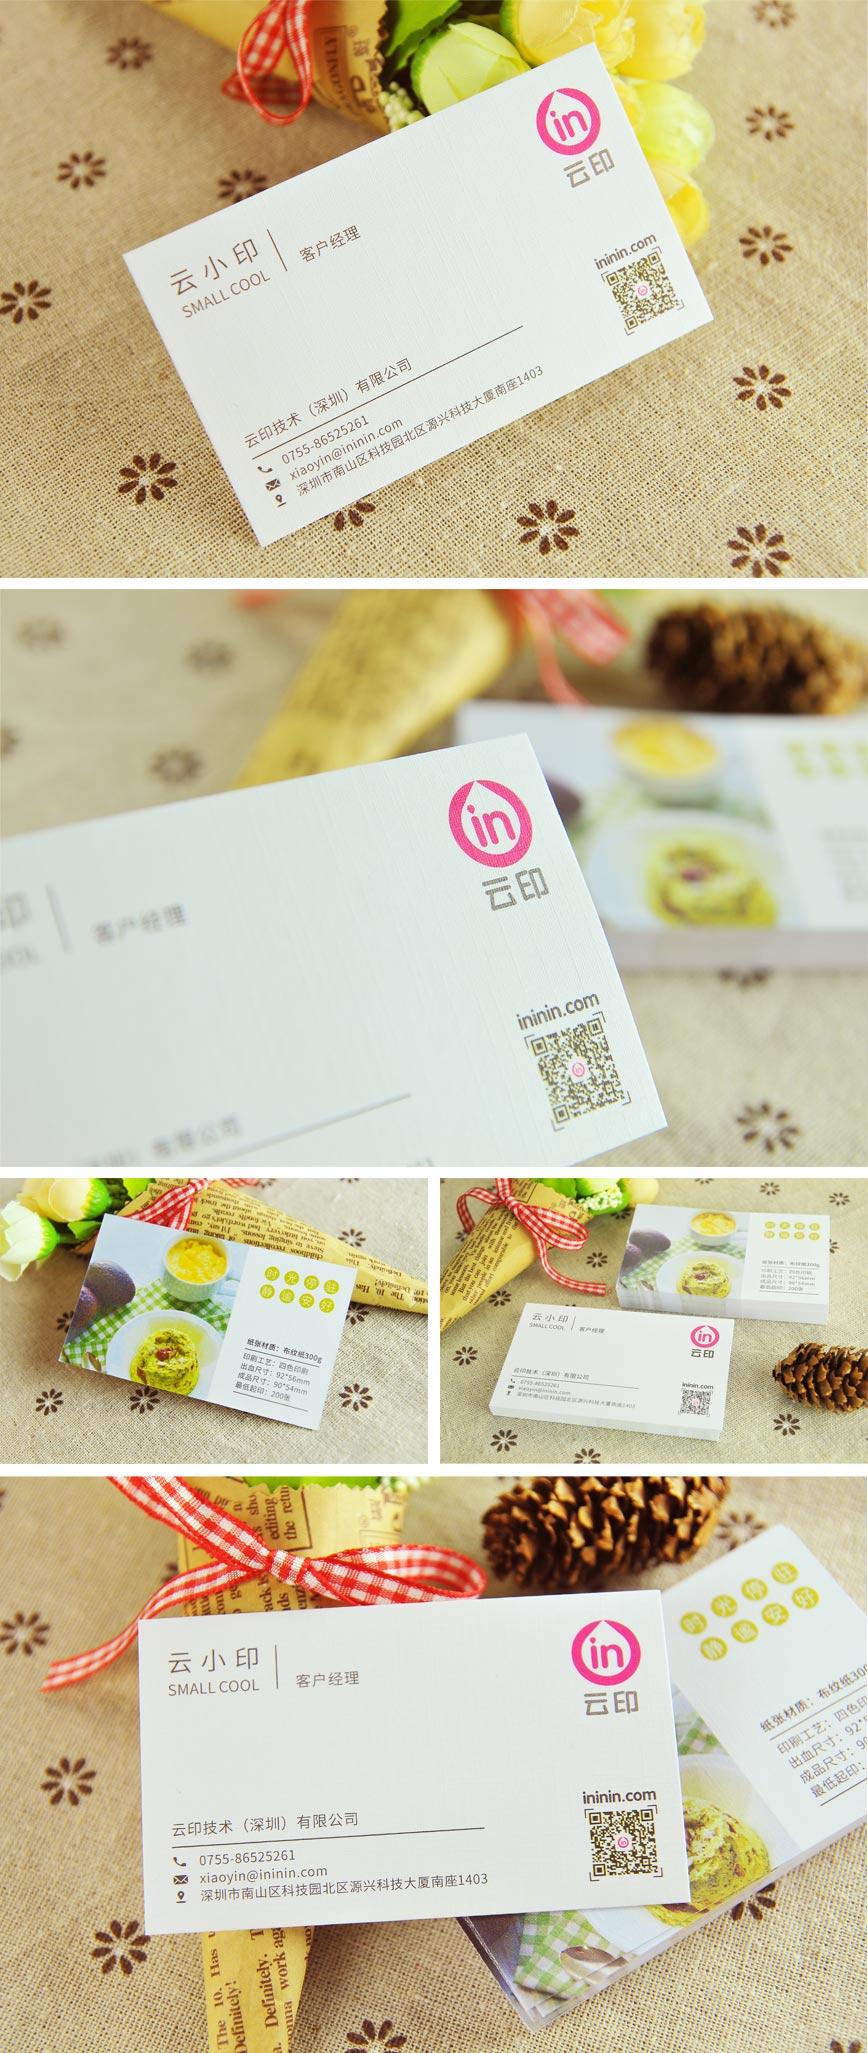 布纹纸名片样品展示,布纹纸名片局部细节、颜色、款式展示。